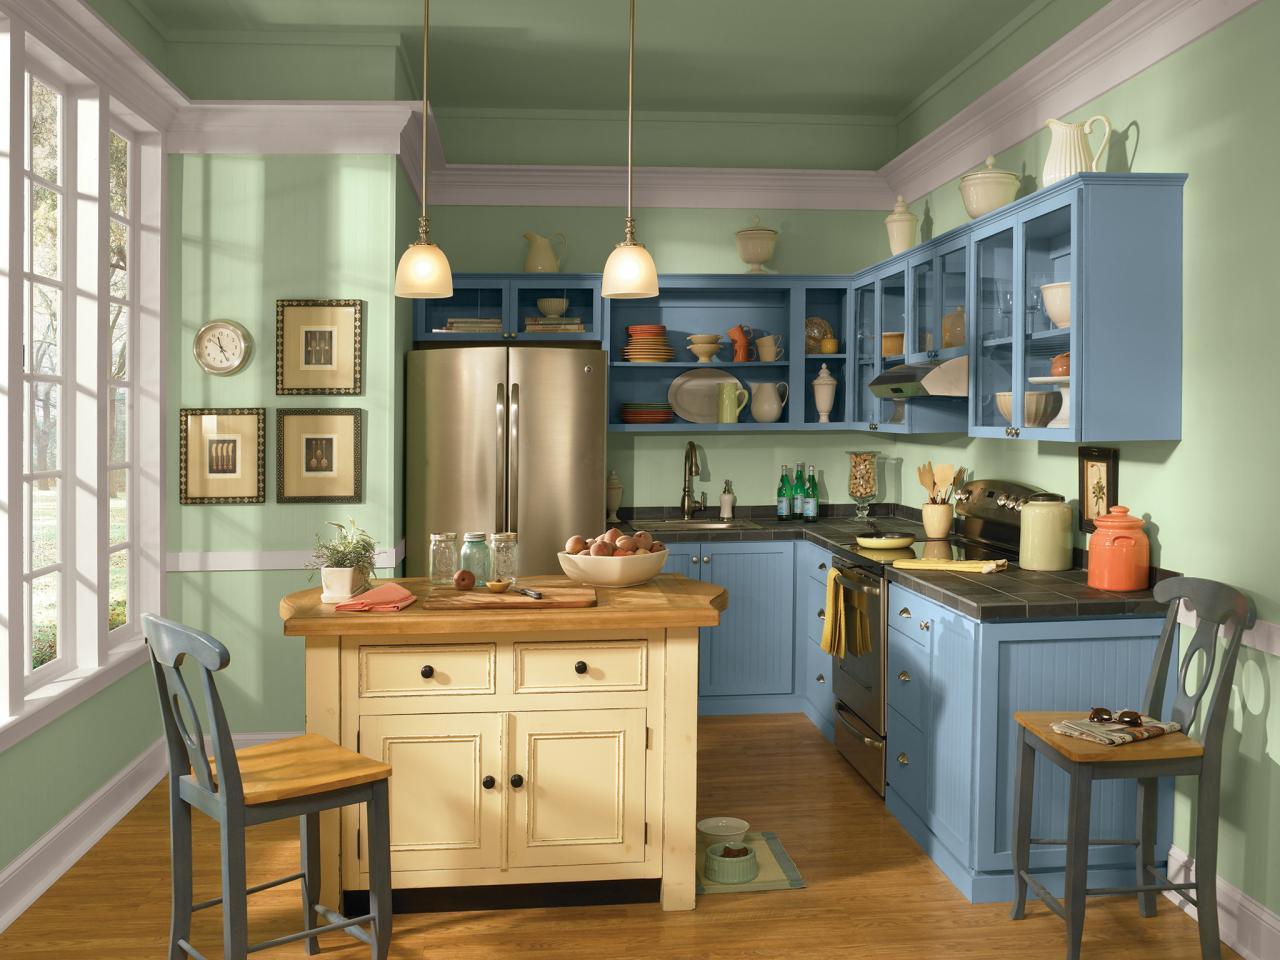 Кухня в зелено-голубых тонах